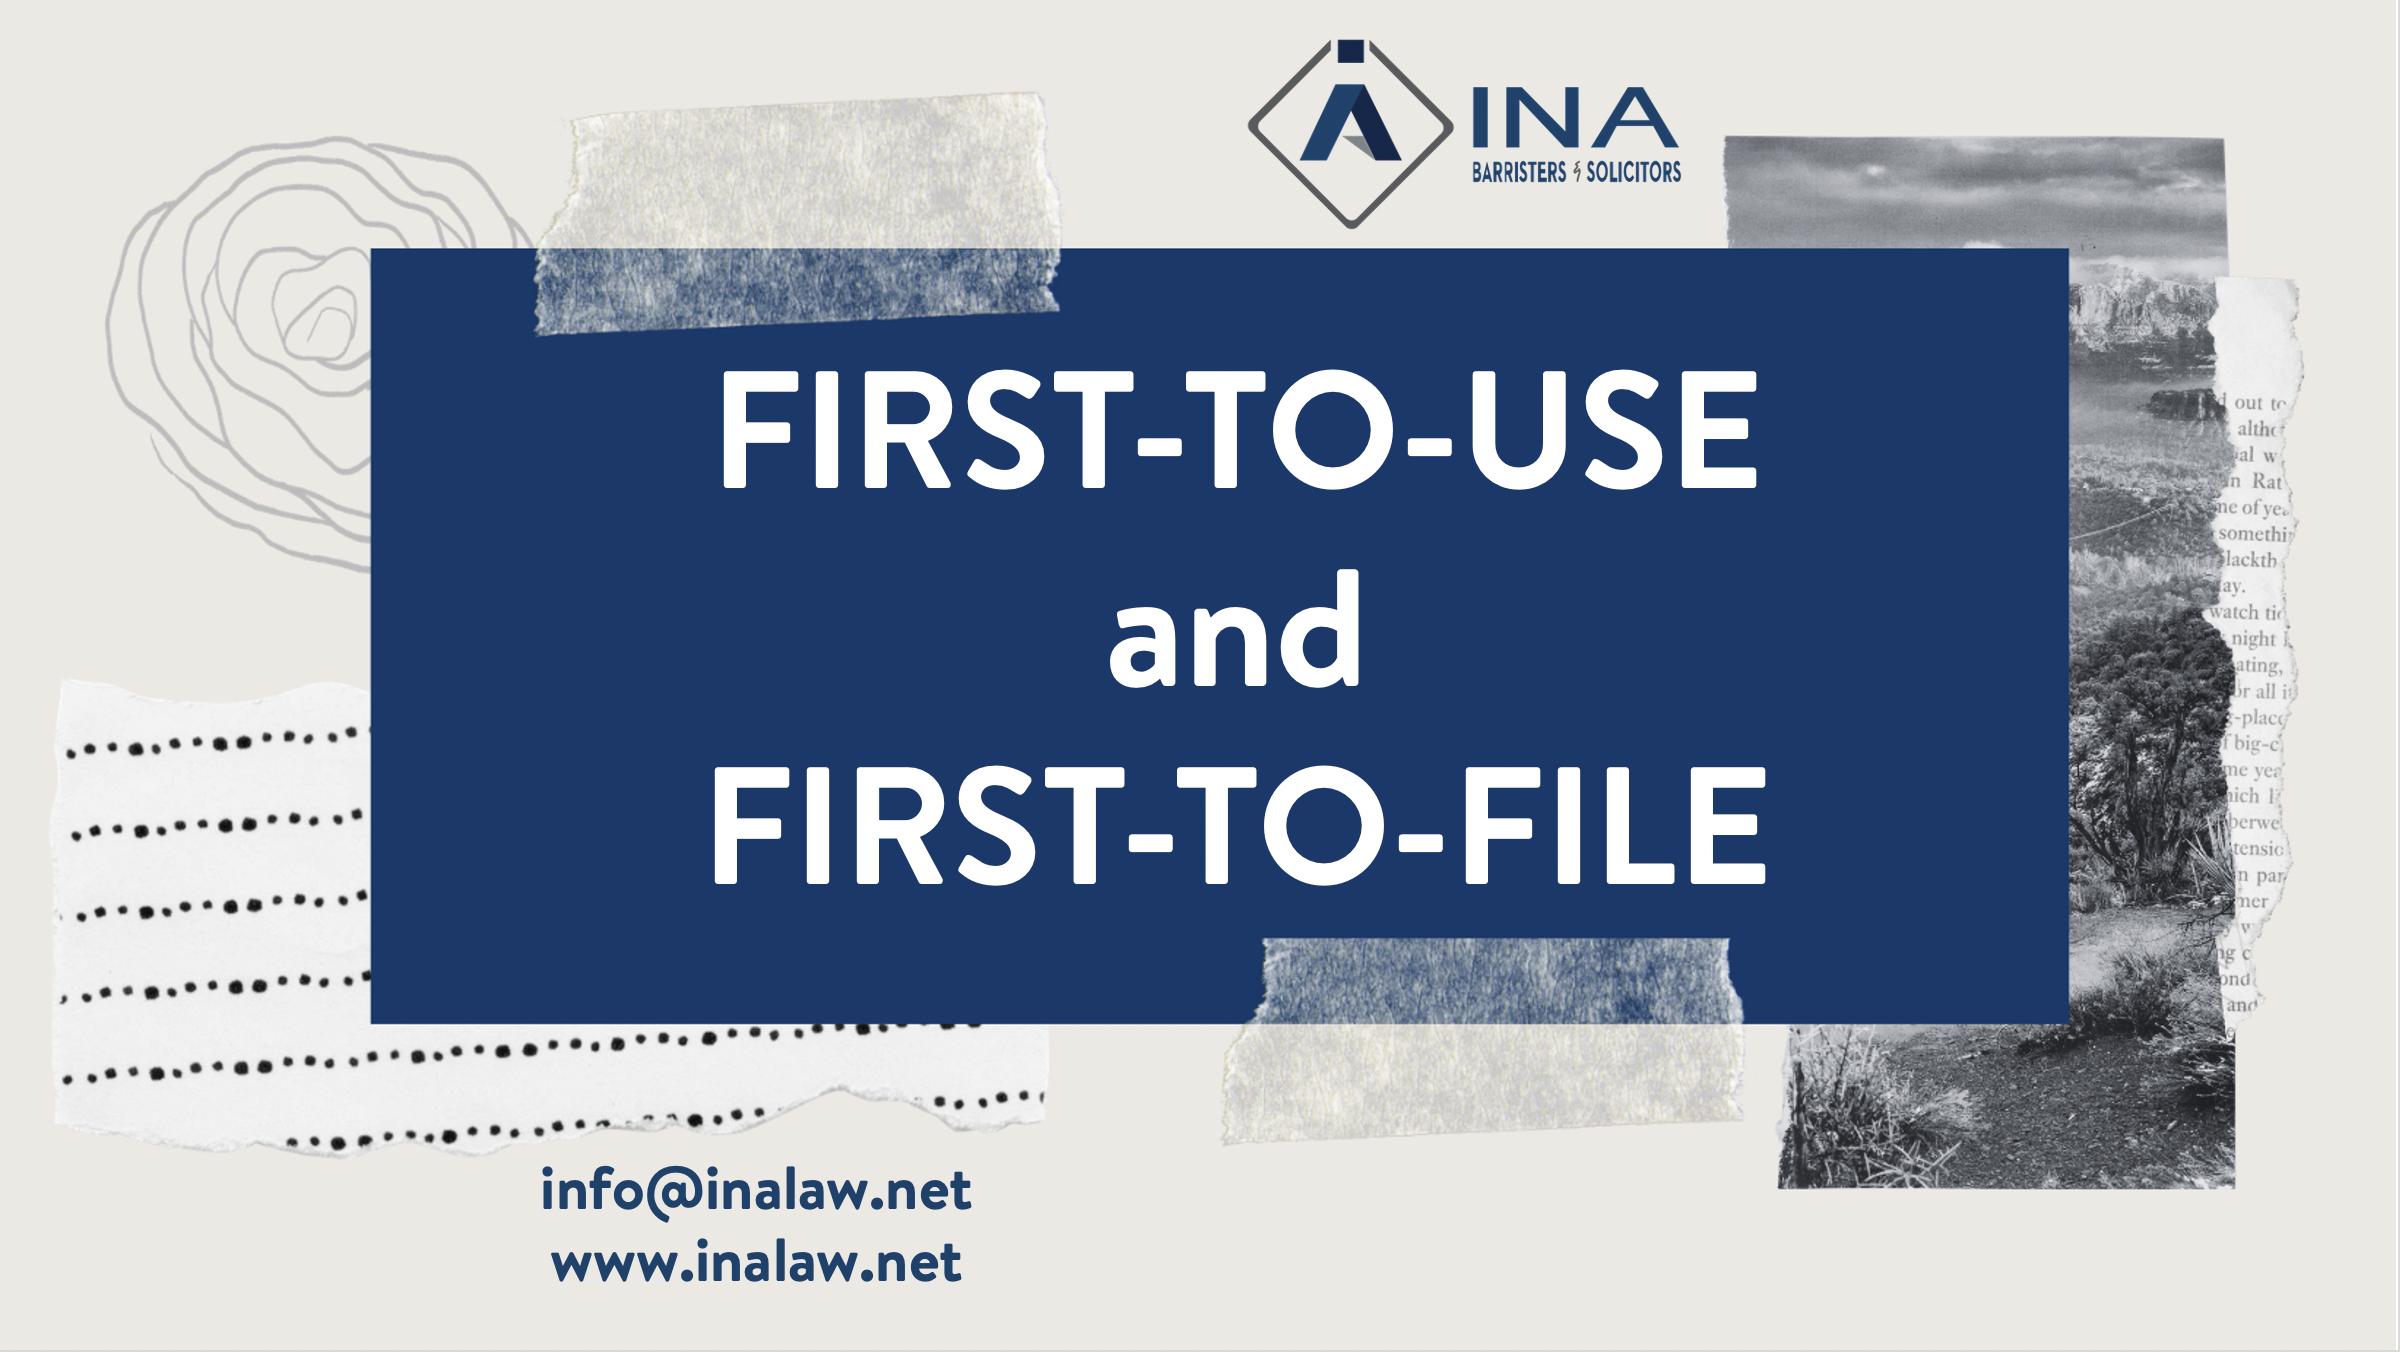 Nguyên tắc First-to-Use và First-to-File trong đăng ký nhãn hiệu